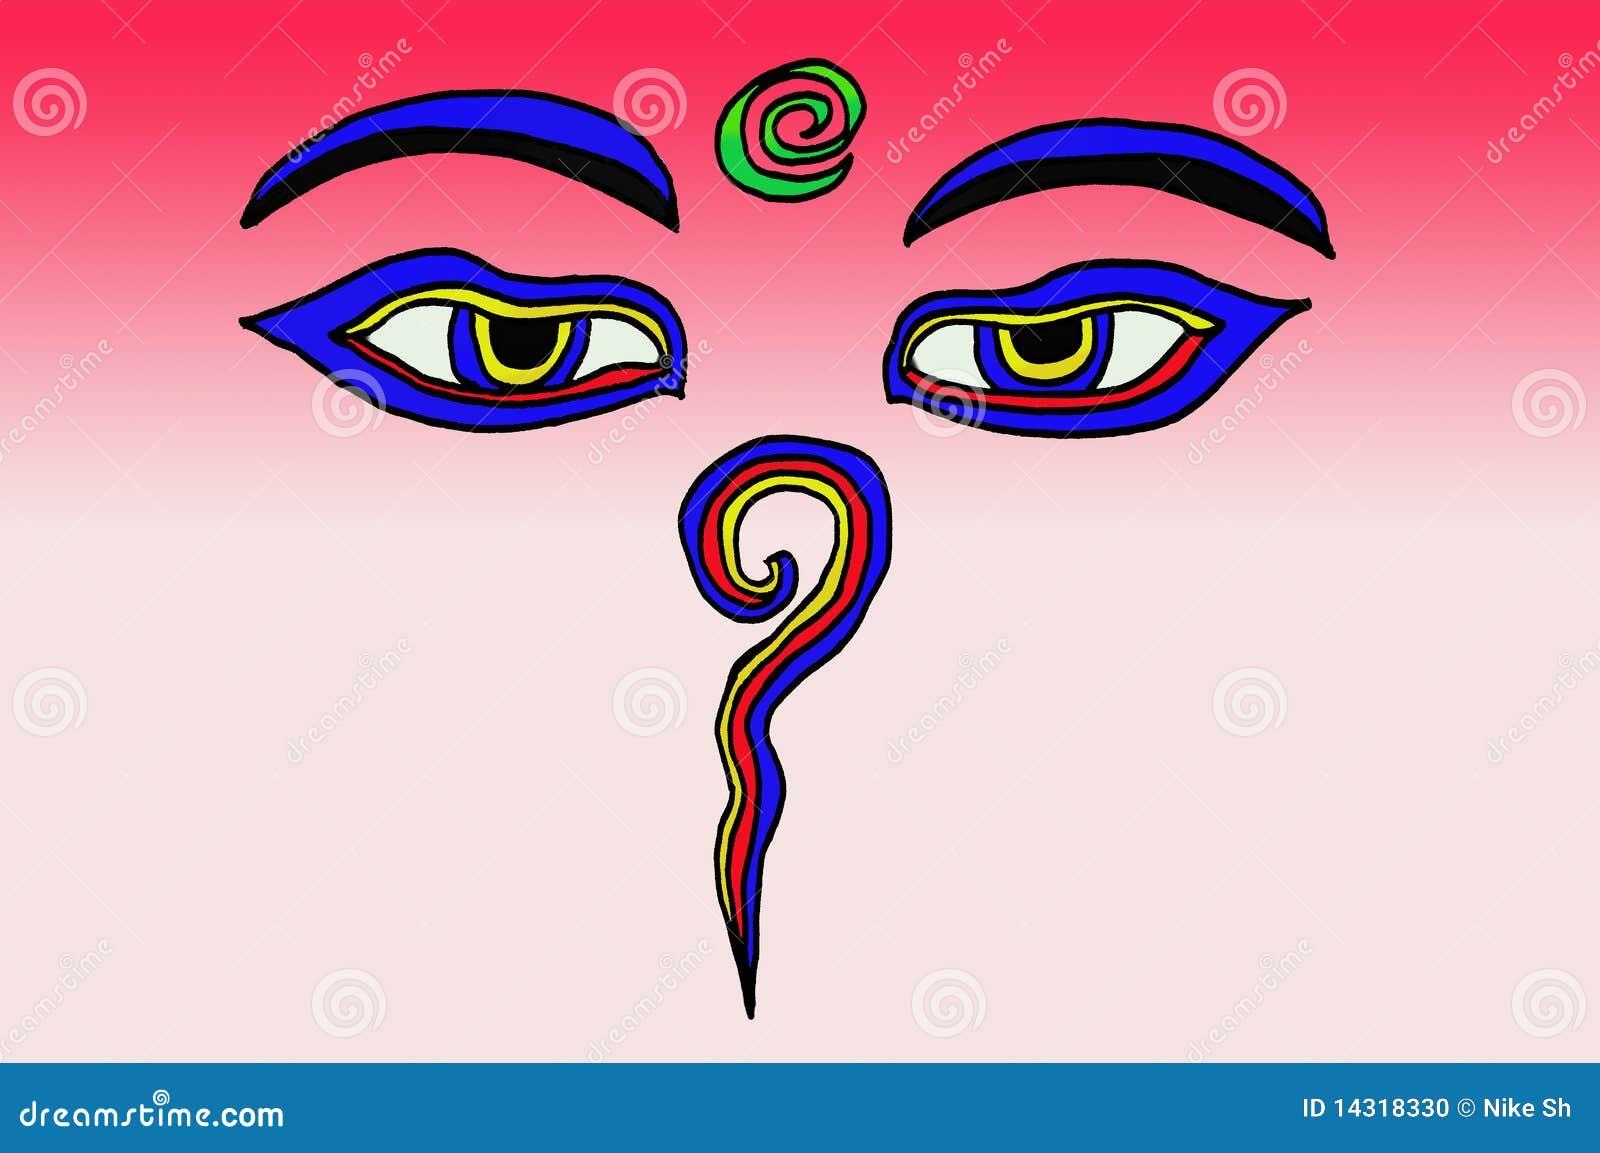 Eyes of the buddha stock illustration illustration of drawn eyes of the buddha biocorpaavc Images